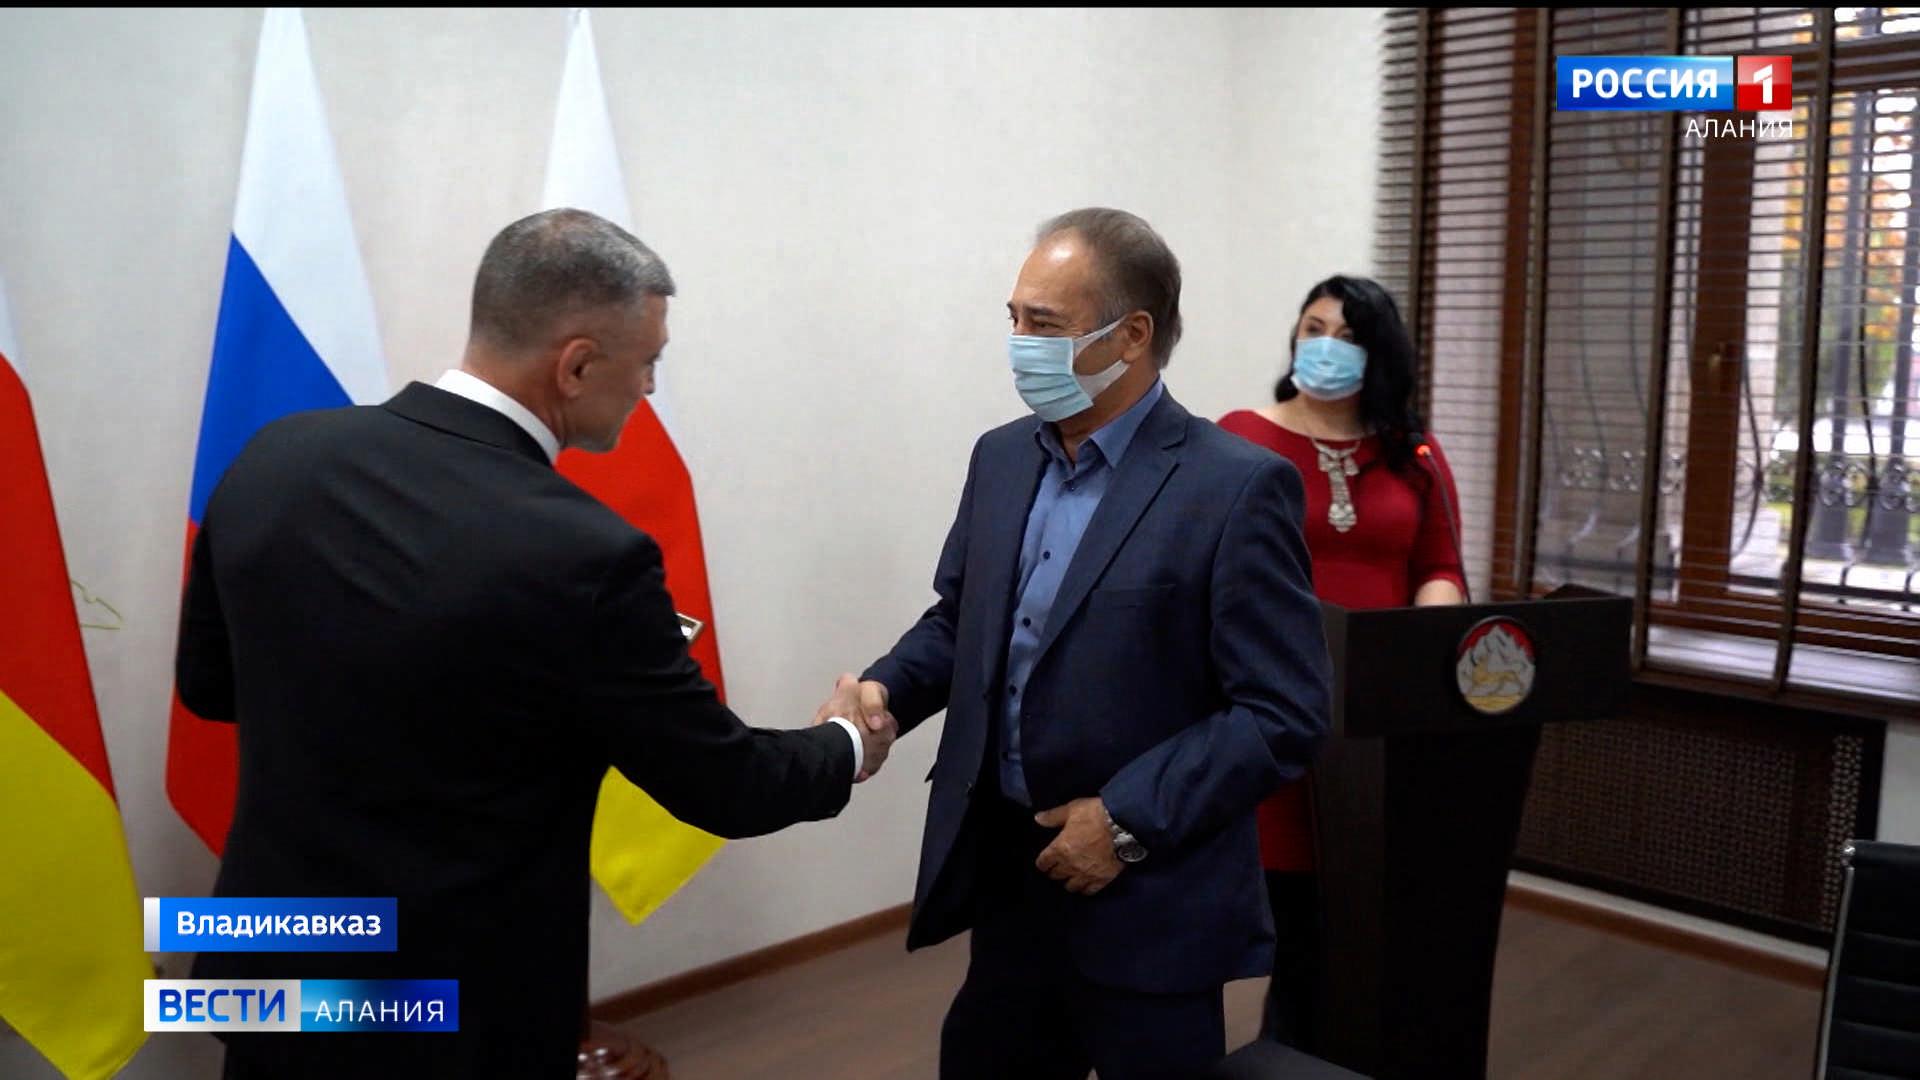 Рустем Келехсаев вручил государственные награды сотрудникам ЦИК Северной Осетии